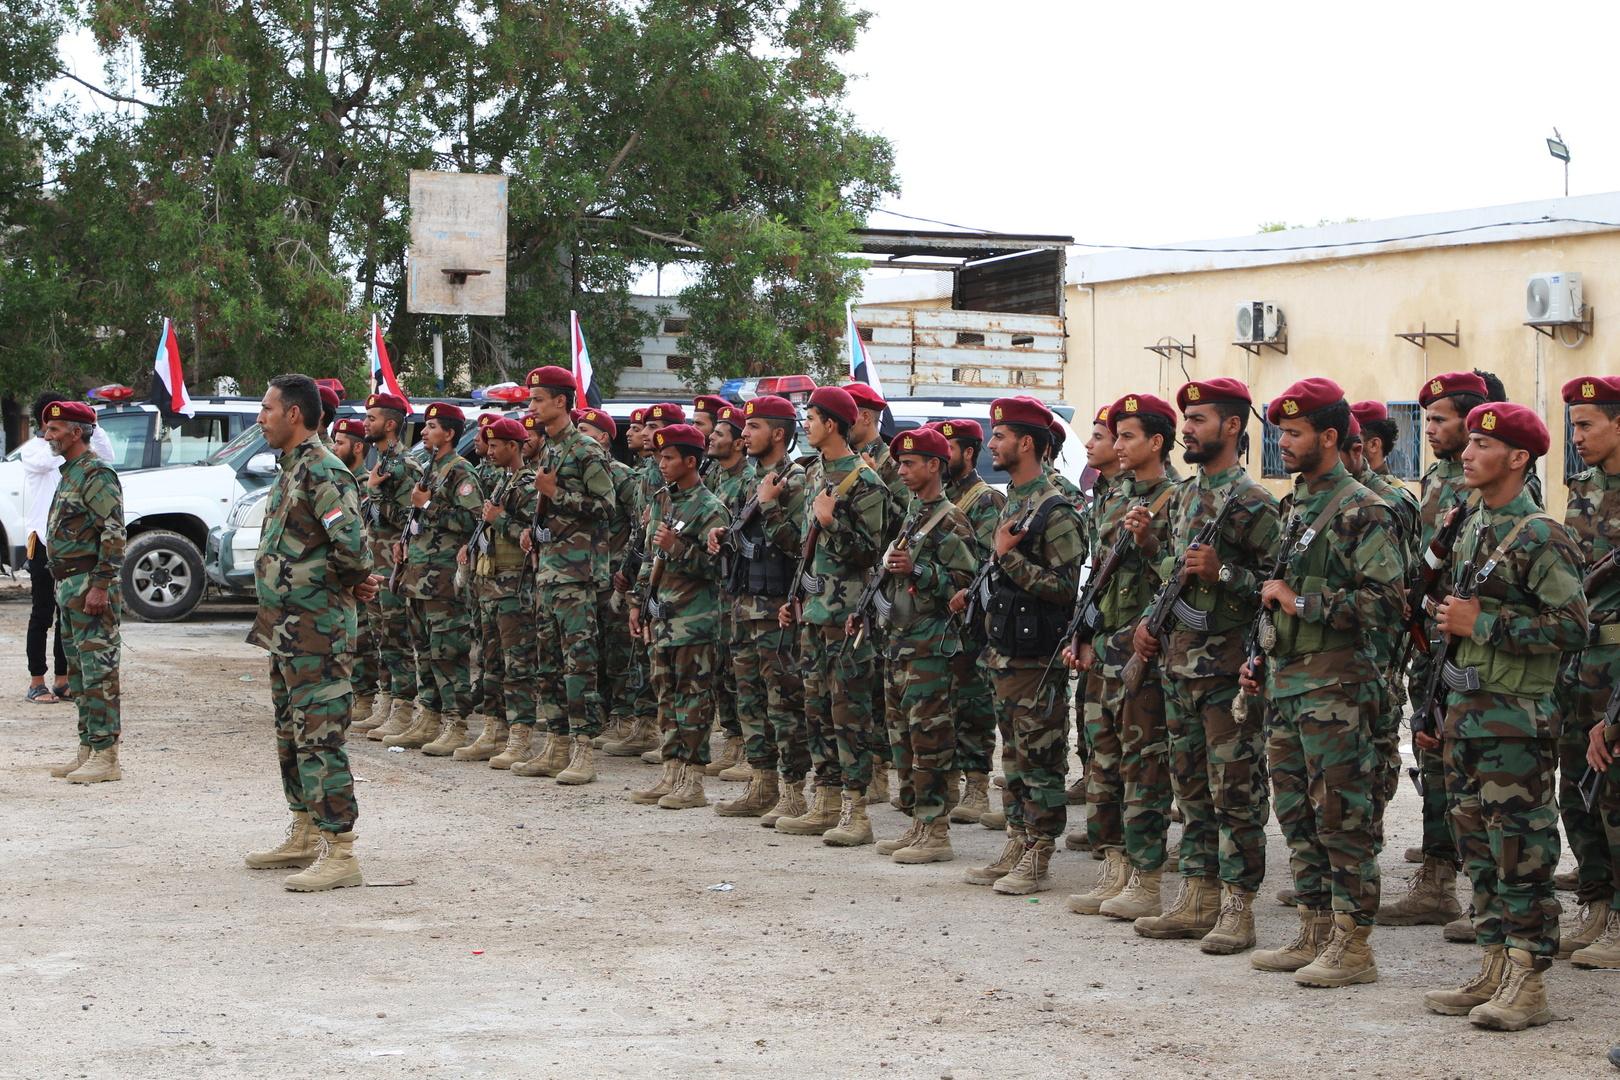 قوات الأمن الموالية للمجلس الانتقالي الجنوبي  في مدينة عدن اليمنية